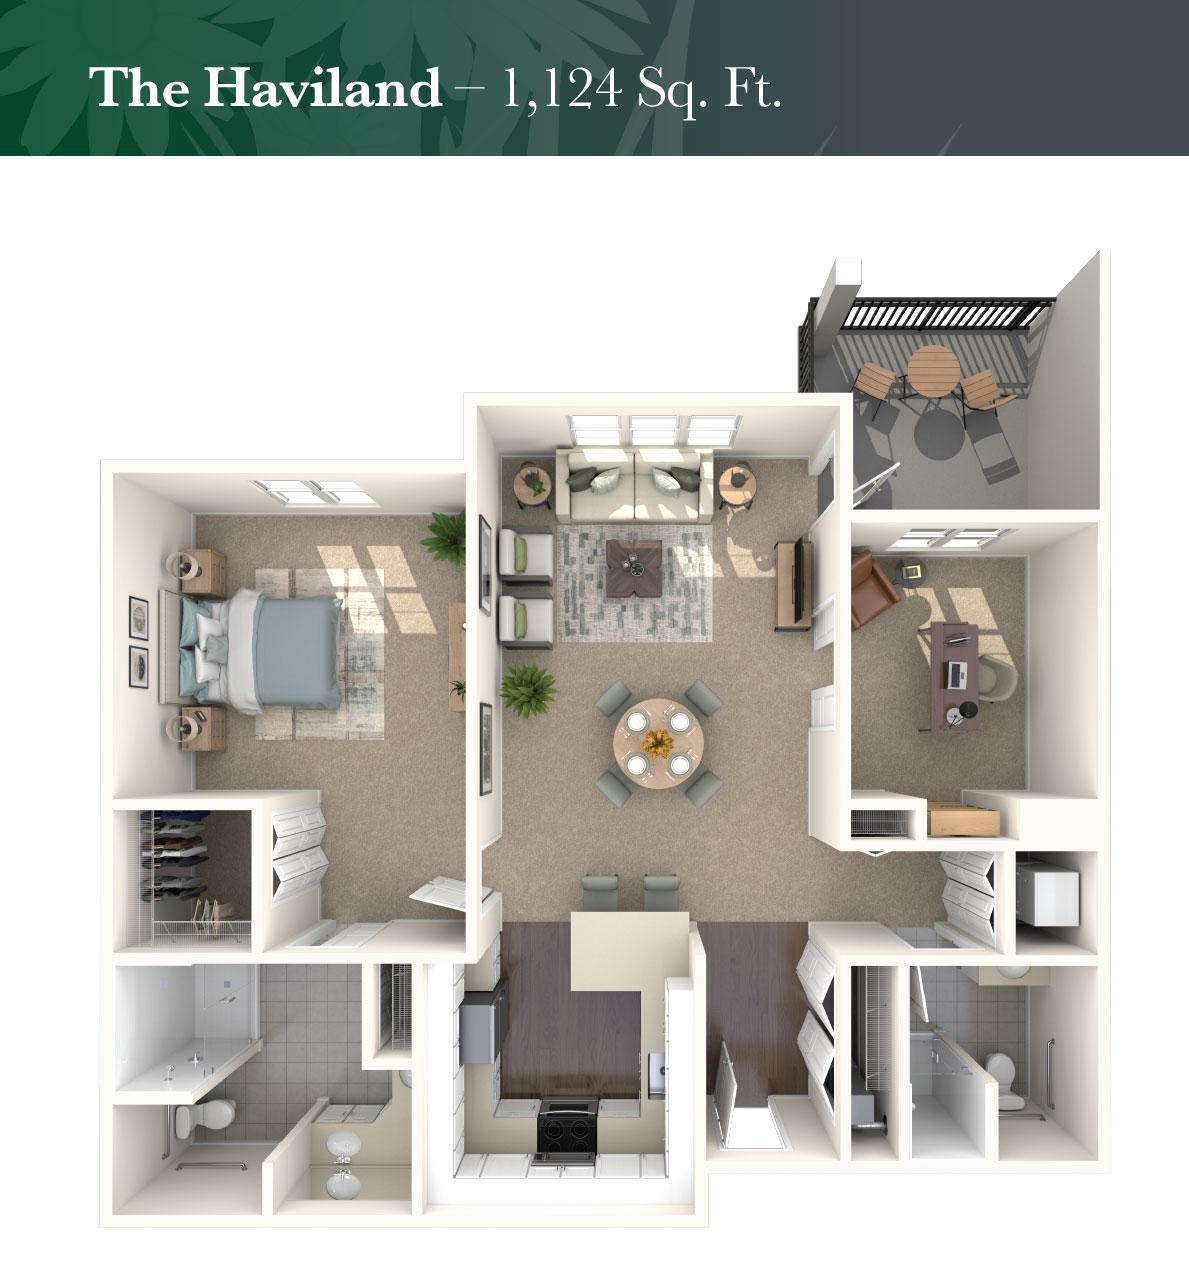 The Haviland rendering